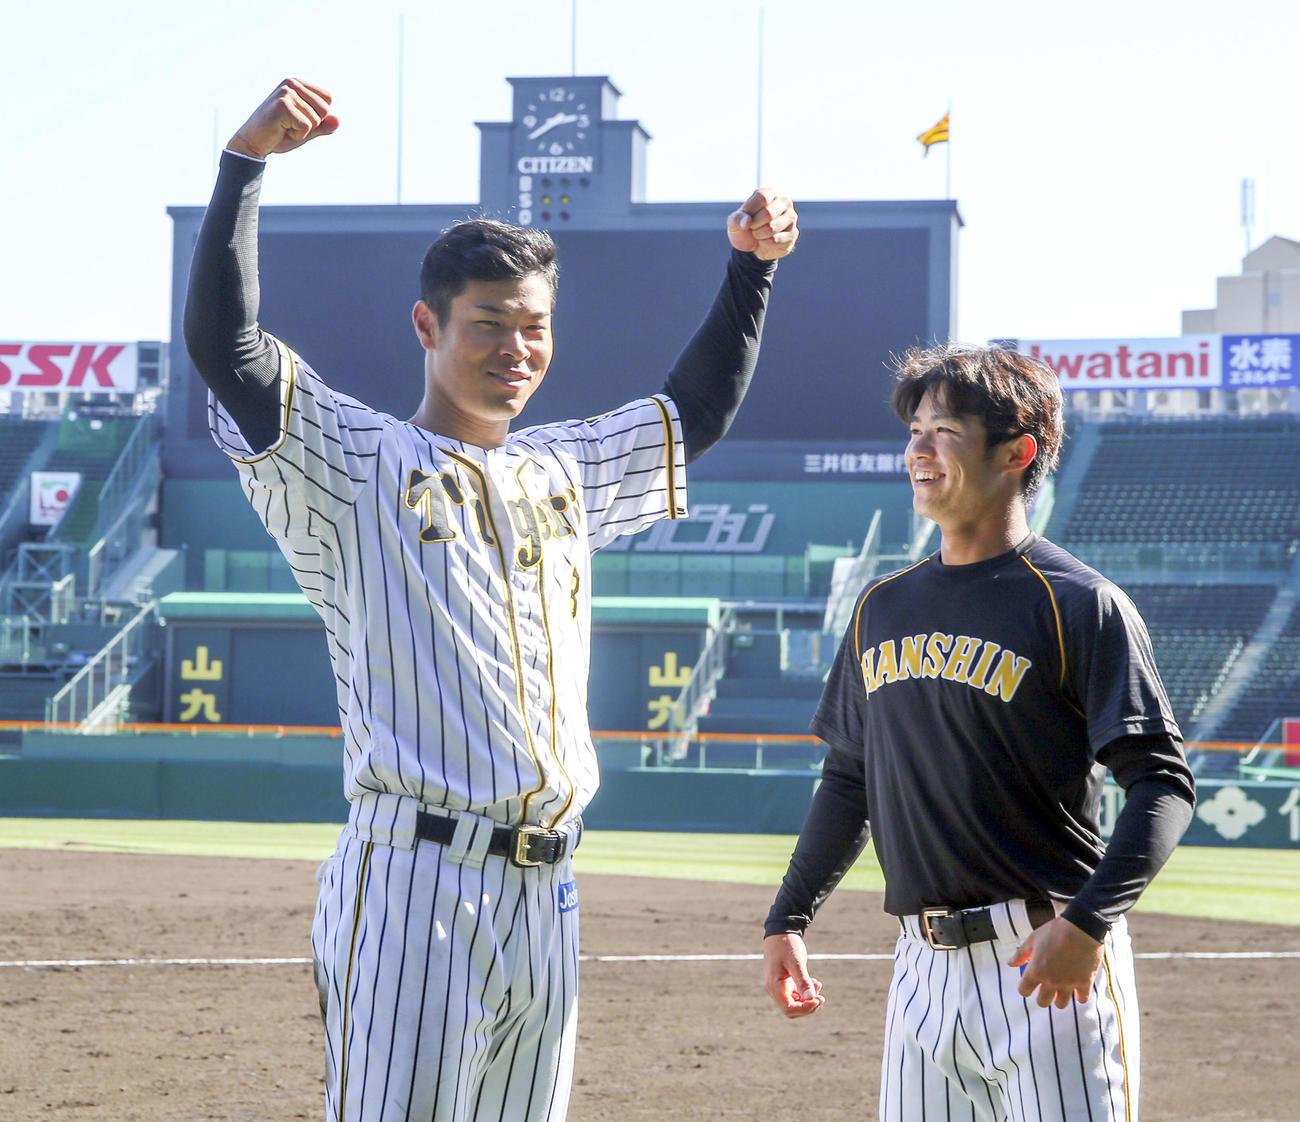 佐藤輝は甲子園球場のスコアボードをバックにポーズを決める、右は中野(撮影・上山淳一)